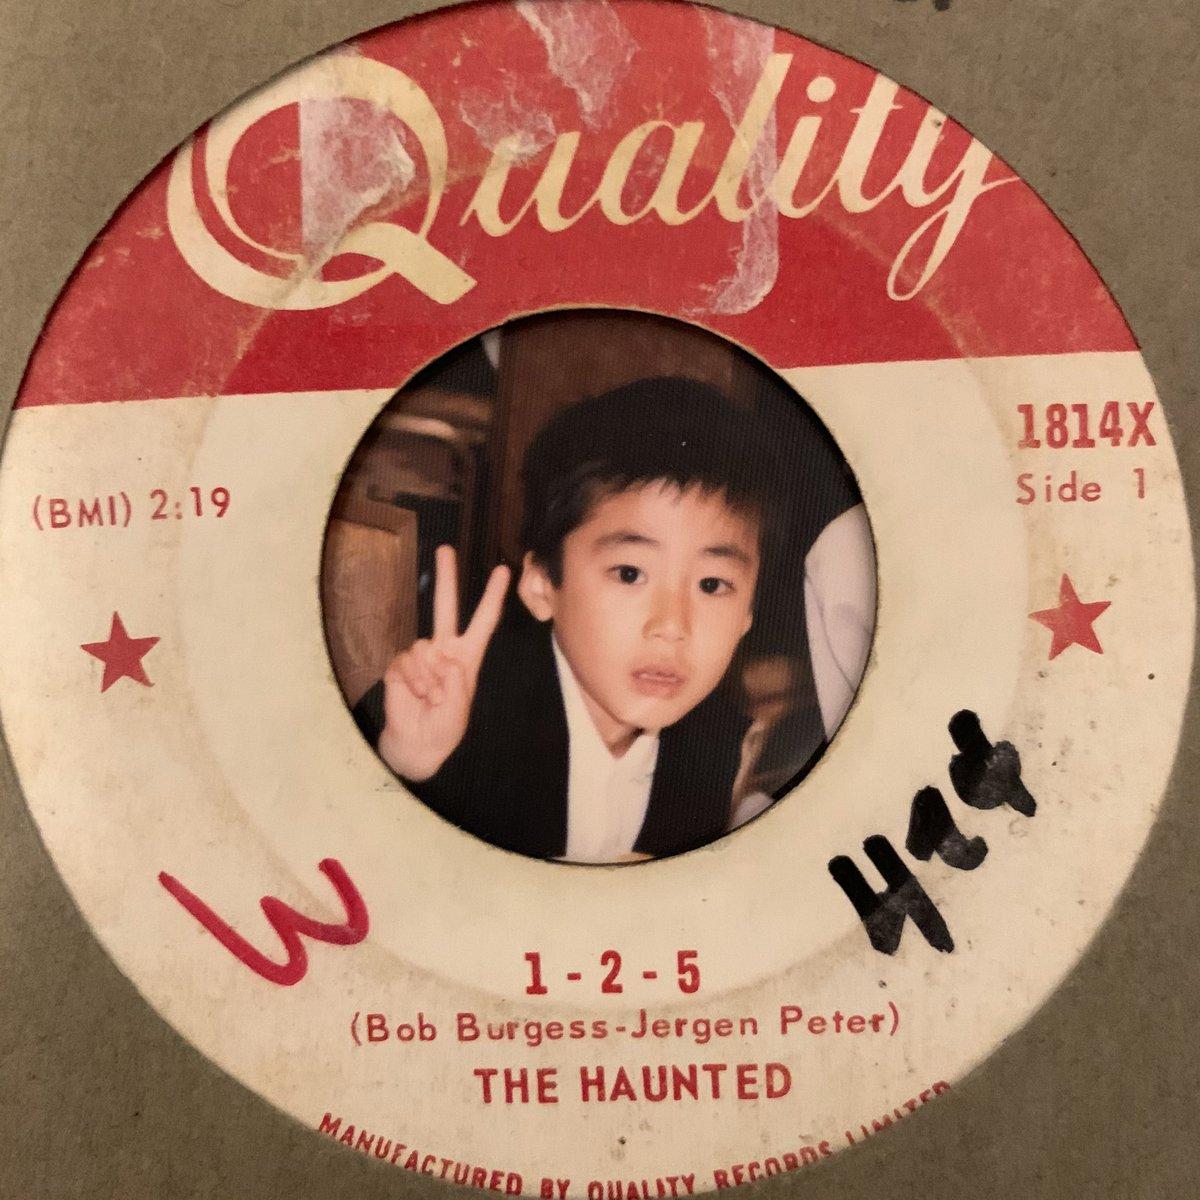 test ツイッターメディア - 60年代カナダを代表するガレージバンド!この曲は我々もカバーして、ハープを甲本ヒロトさんにお願いした…最高の思い出曲!  音源はバージョン違いが3つあり、写真は66年にカナダで発売したもの。 リンク先音源は後に発売されたLP盤音源。  …覗くのは6才の亮  the haunted https://t.co/quv6ium2yN https://t.co/NuXqM4cM18